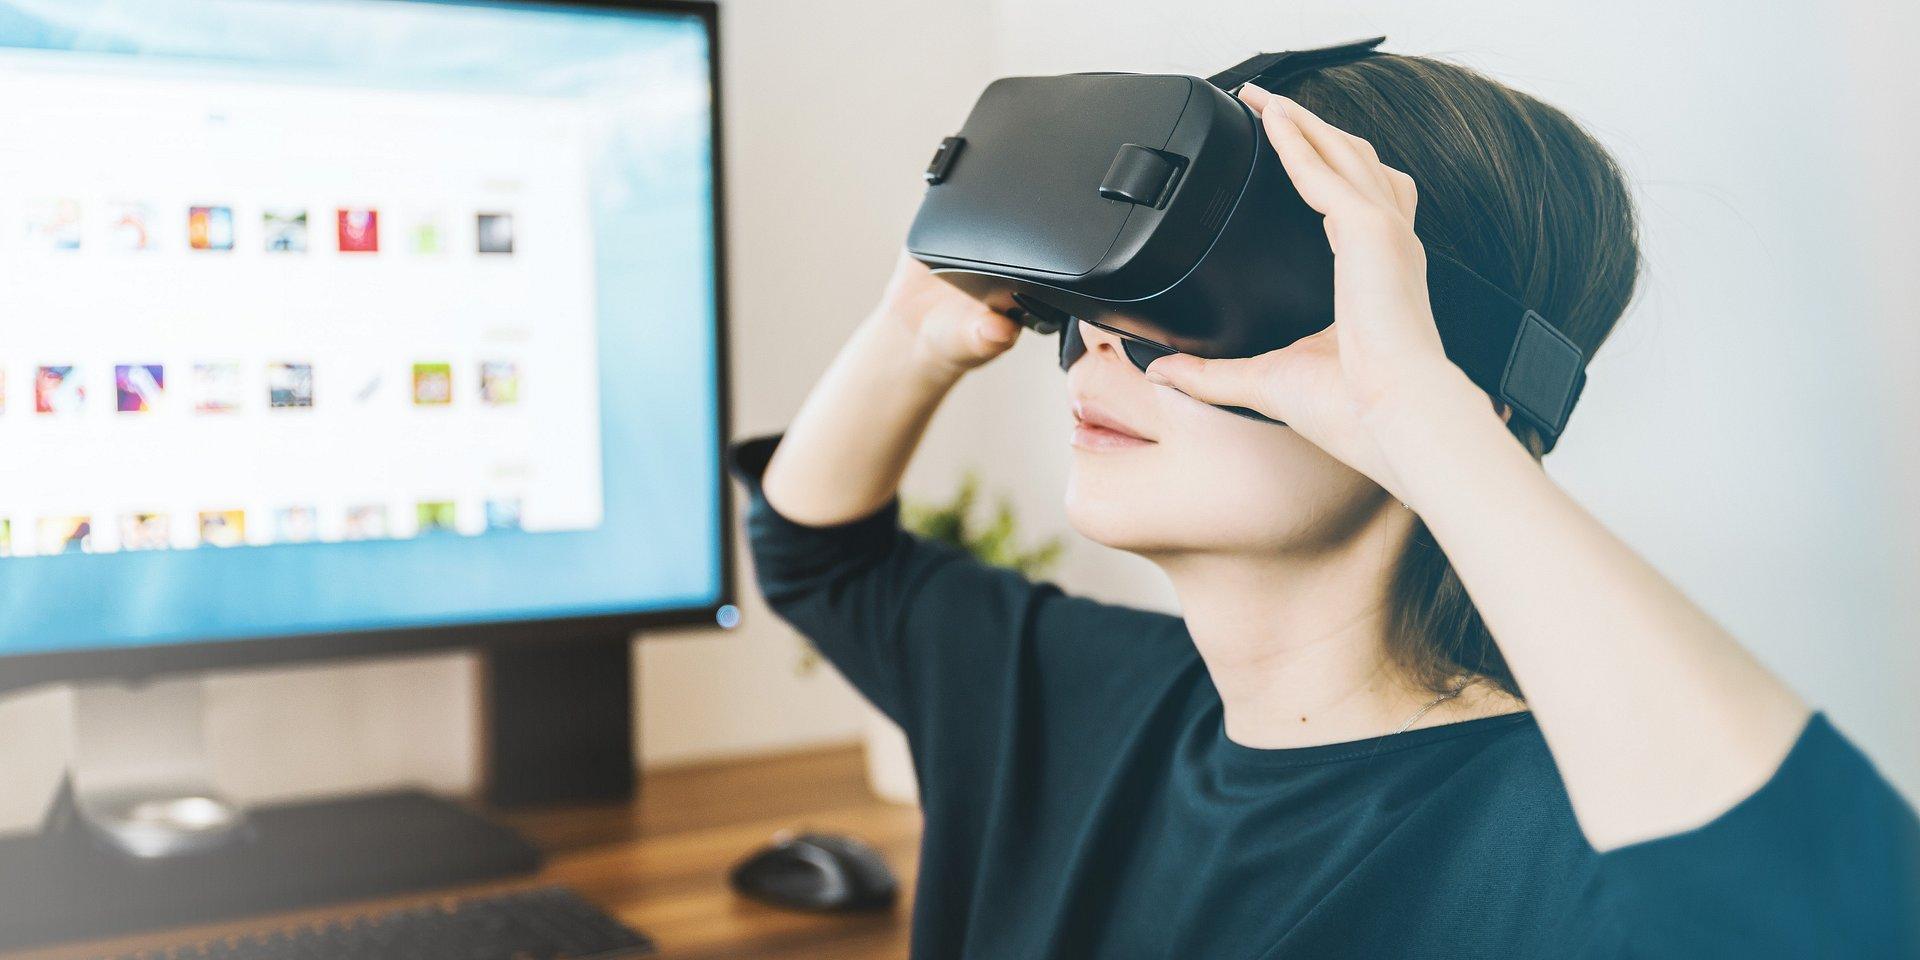 Rozwiązania Rzeczywistości Rozszerzonej (AR) i Wirtualnej (VR) chronią pracowników przed koronawirusem. Firmy IT oferują specjalne finansowanie, aby pomóc zatrzymać pandemię